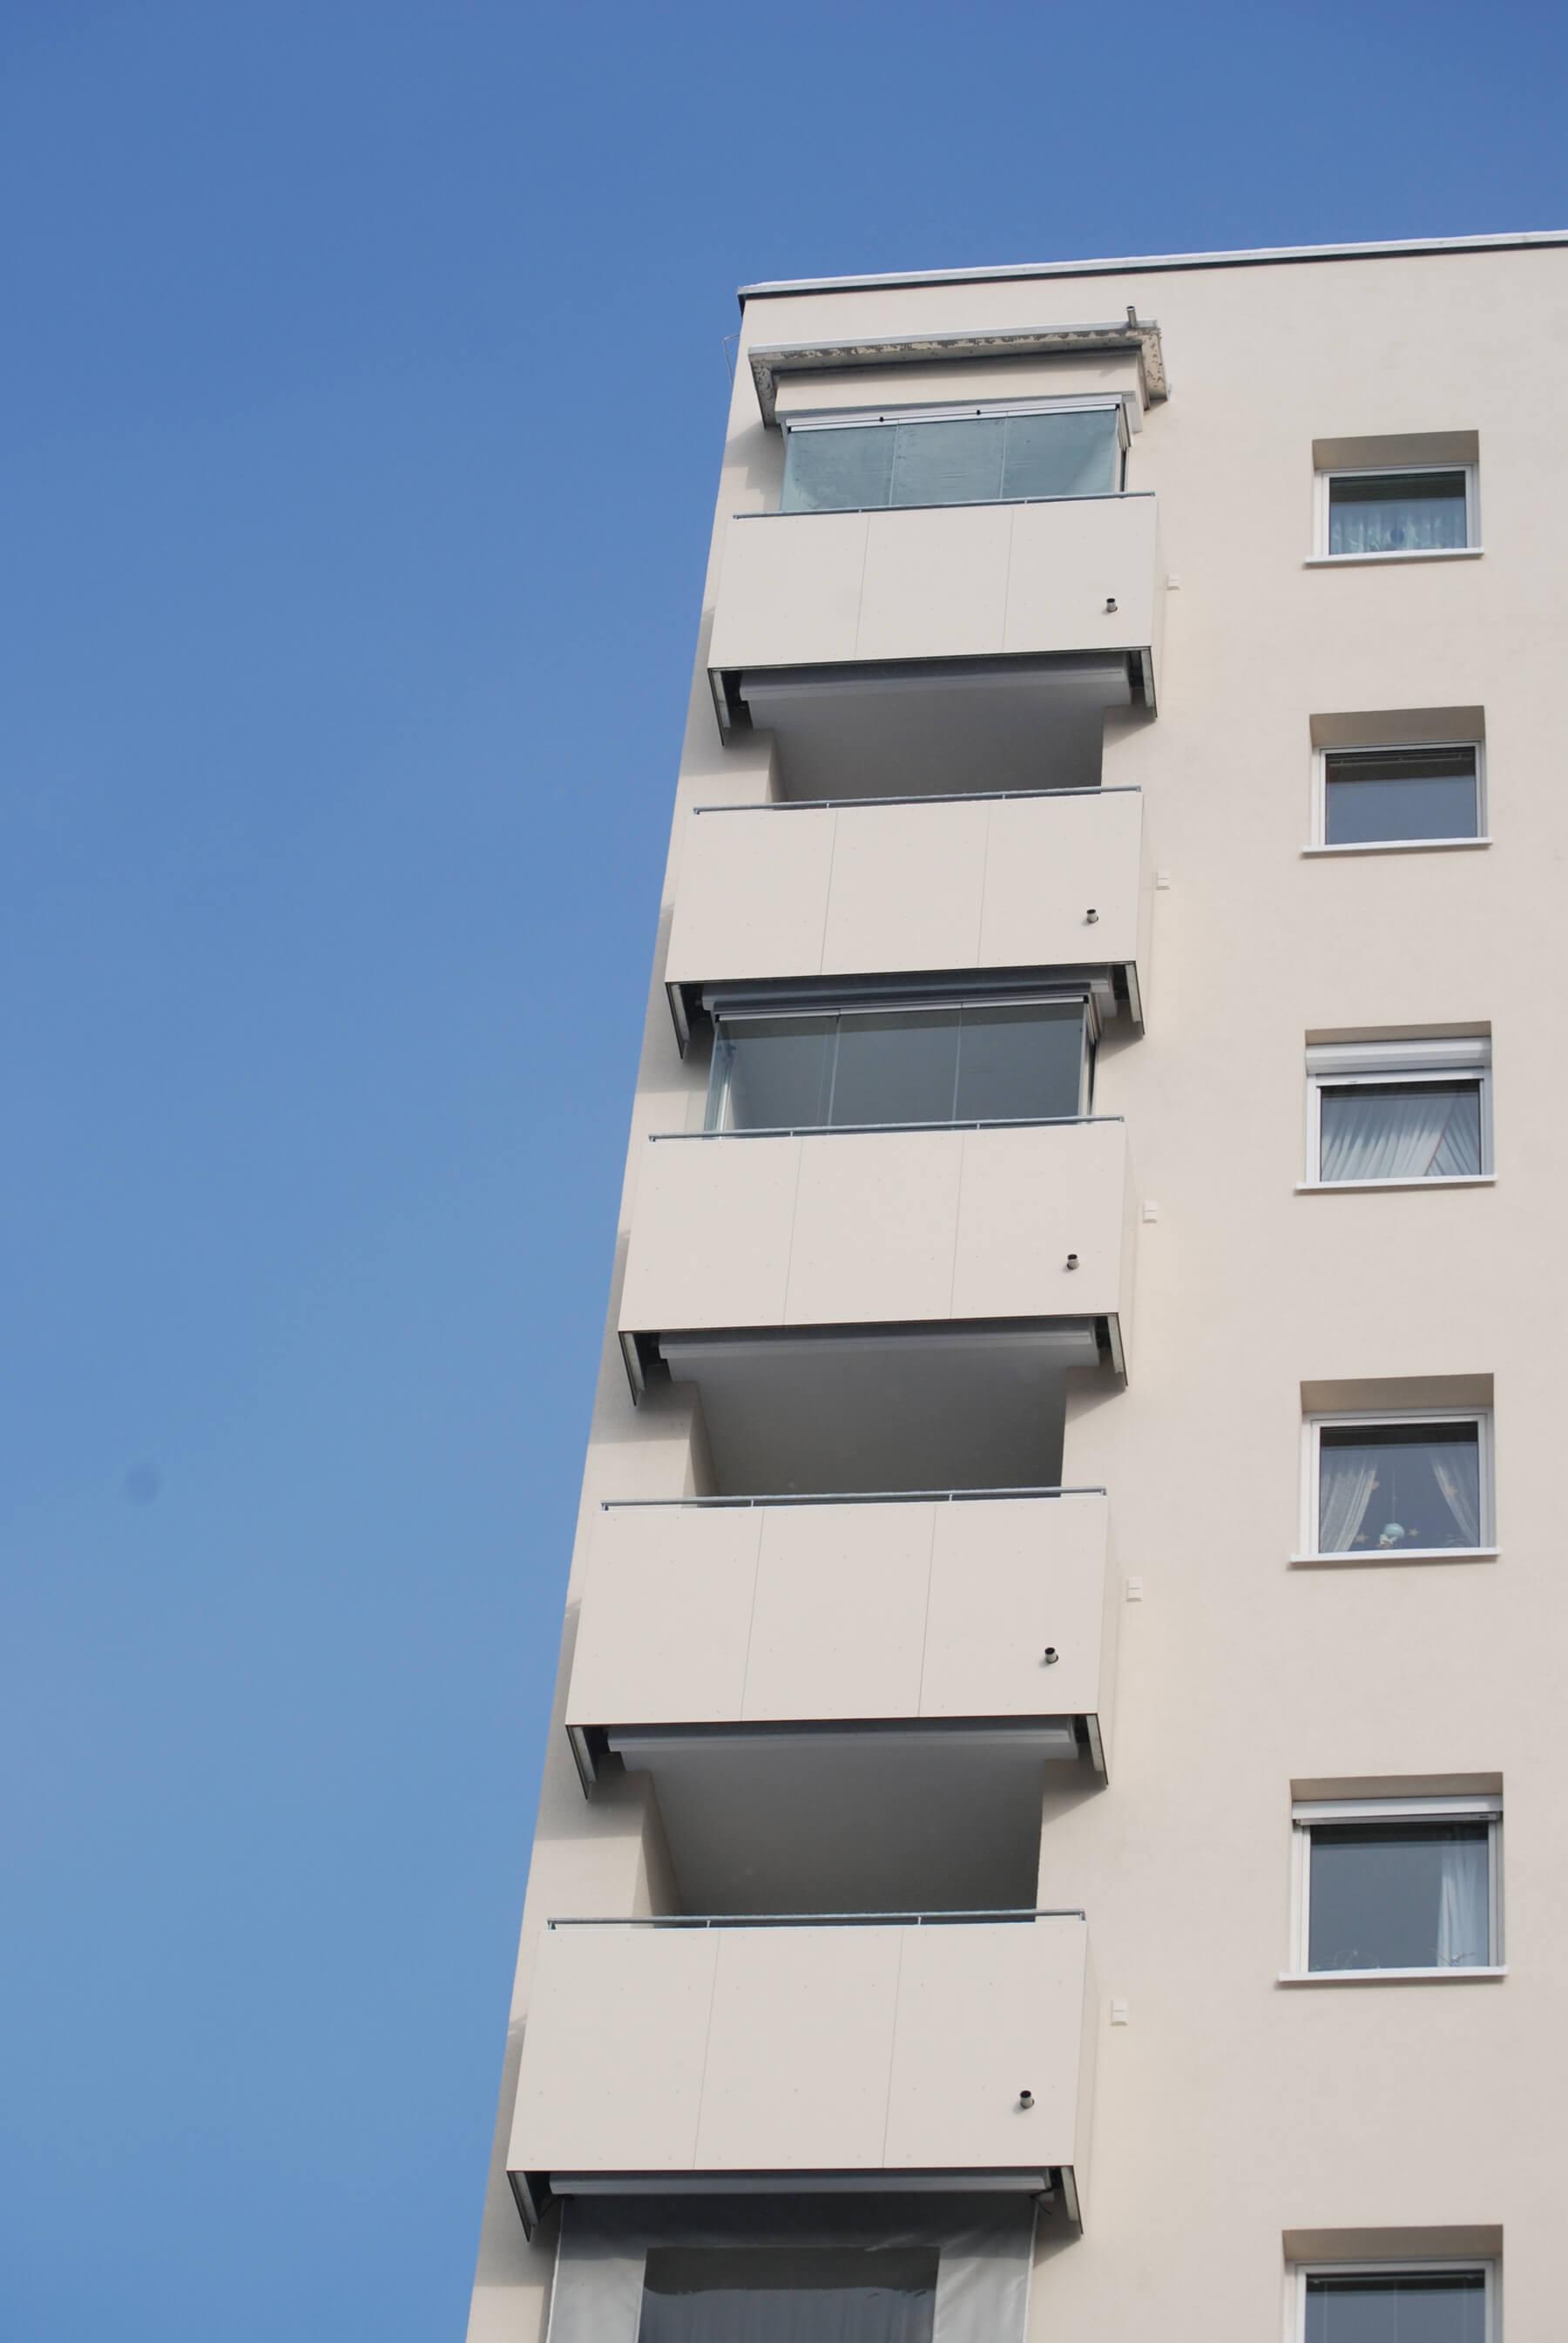 Balkonverglasung für Eigentumswohnung